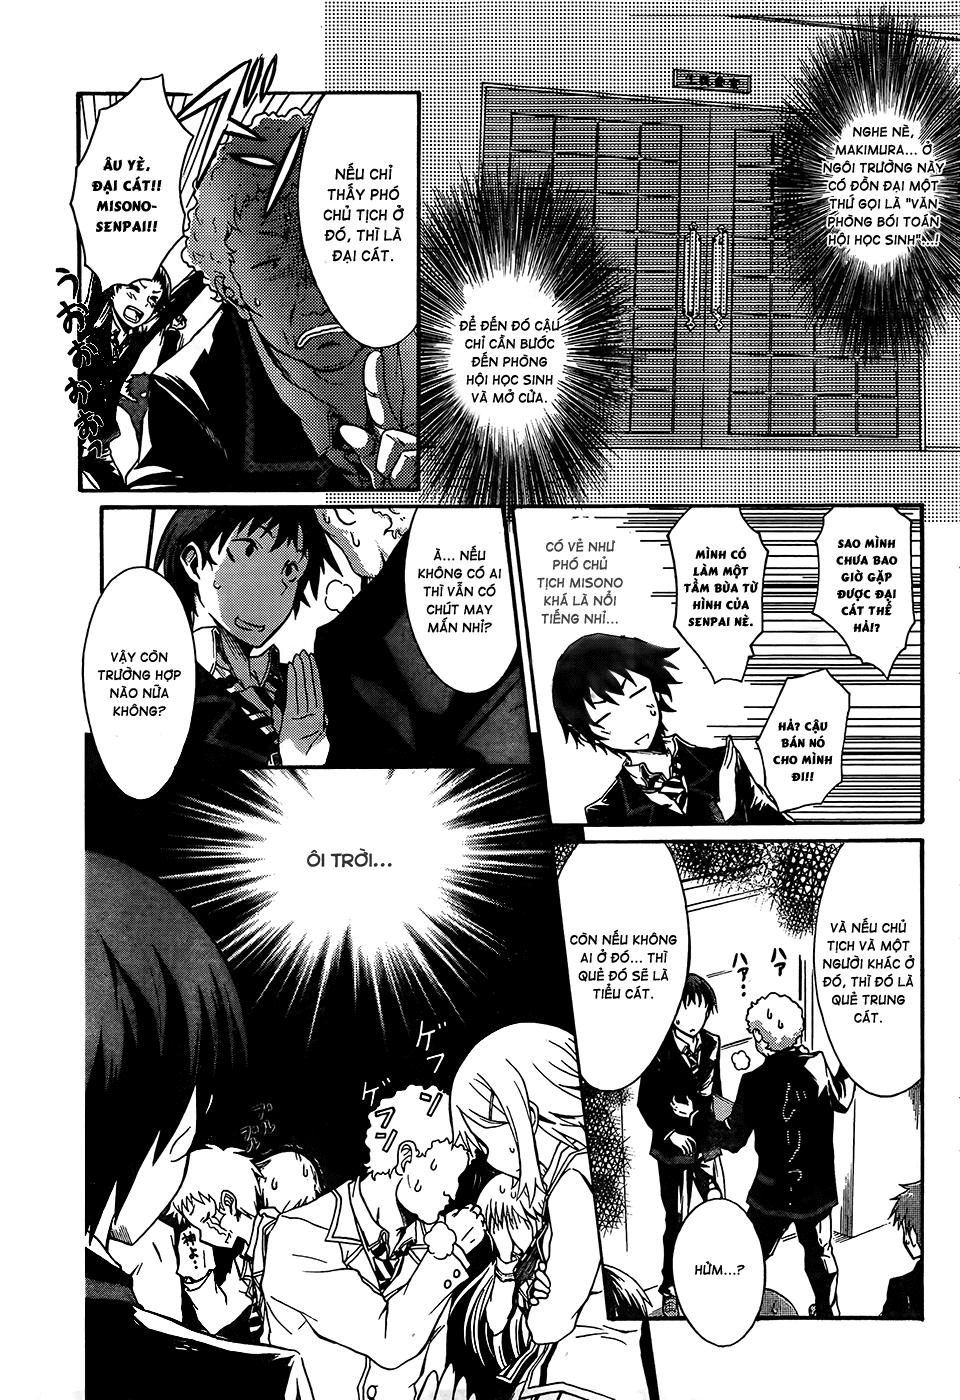 Seitokai Tantei Kirika chap 0 - Trang 9